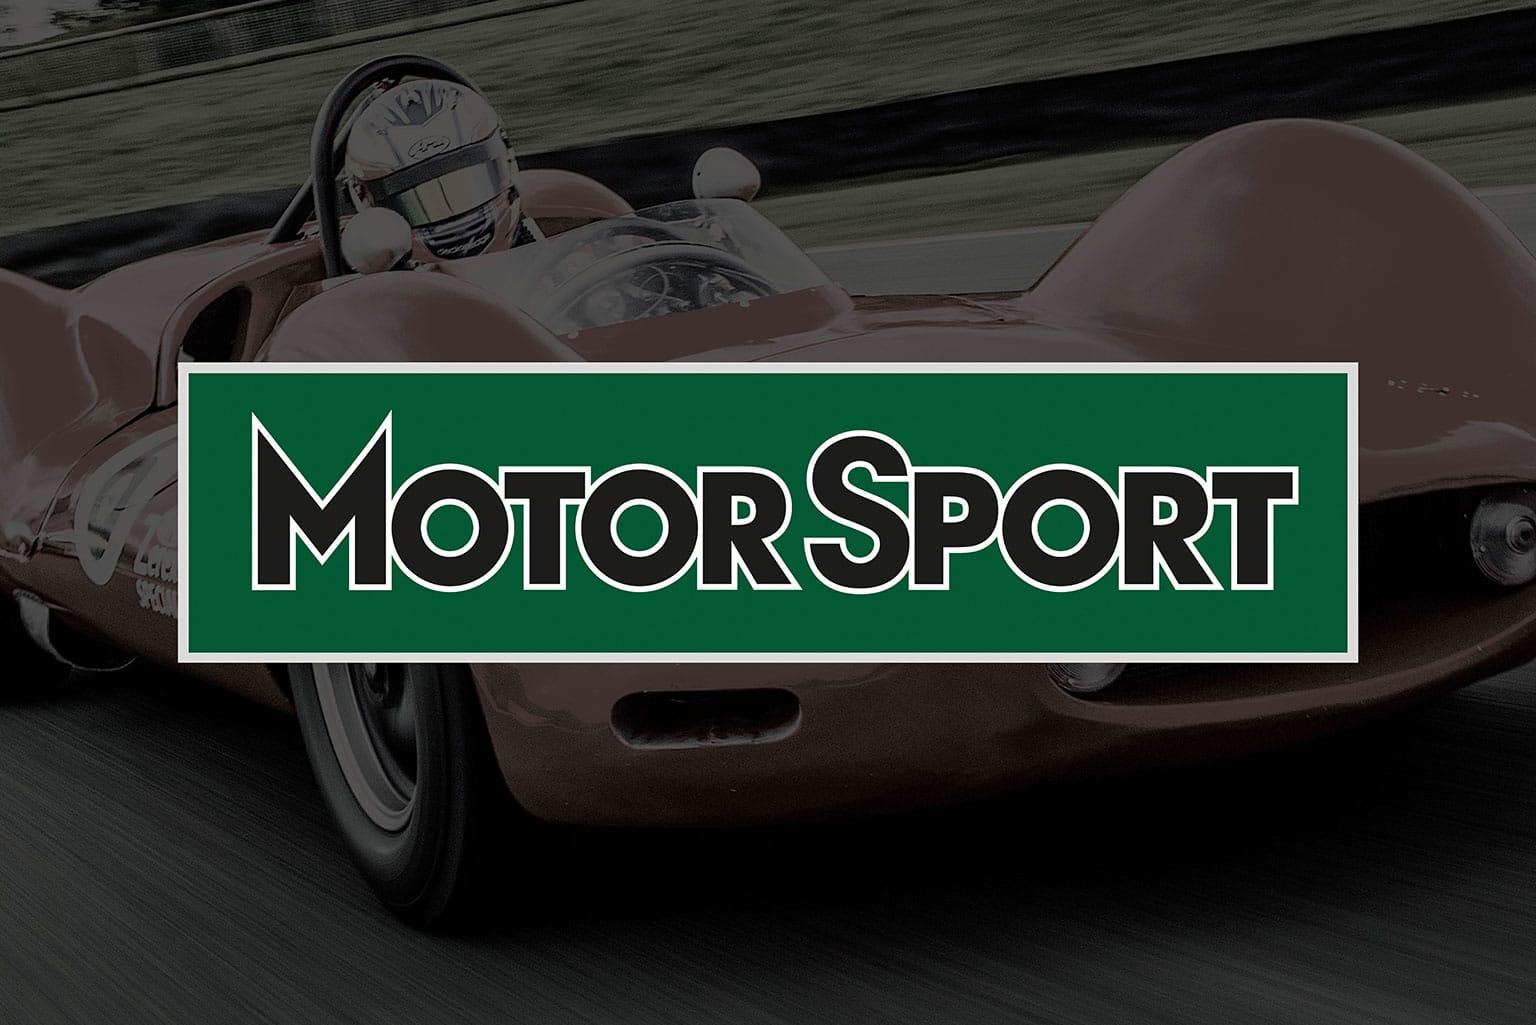 www.motorsportmagazine.com